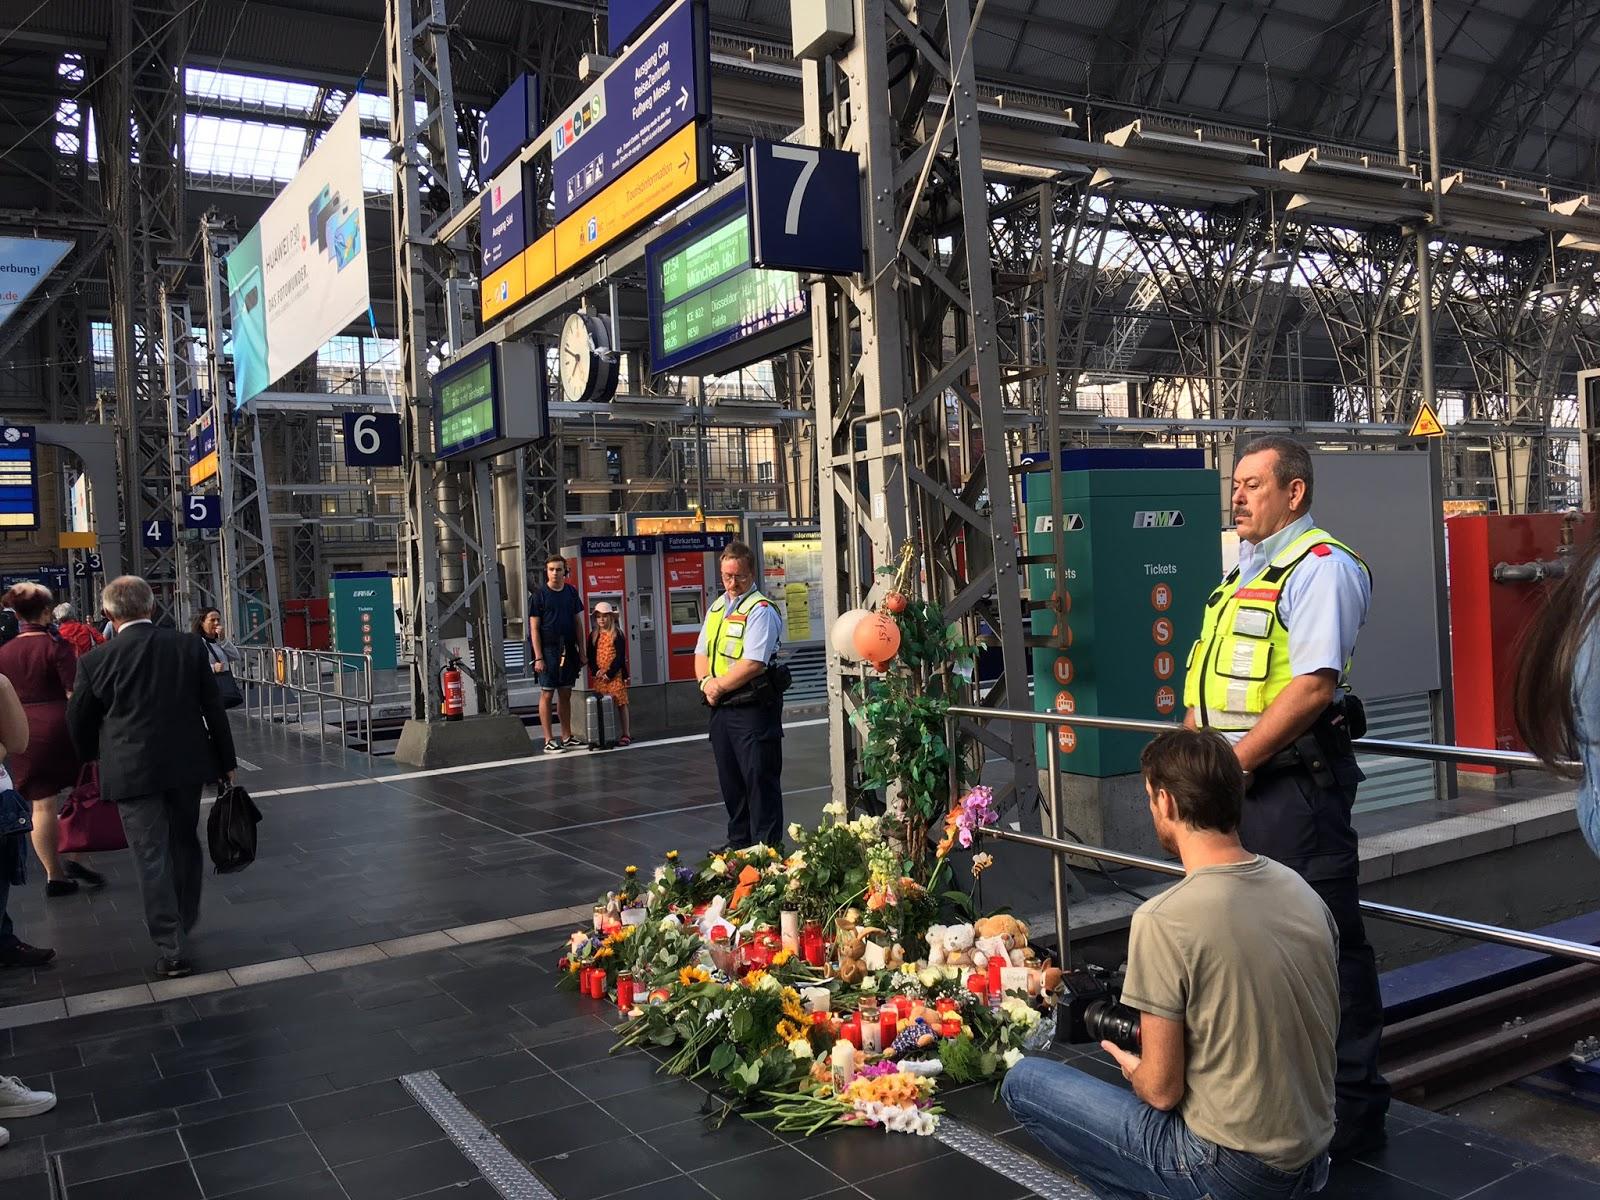 Frankfurtē vīrietis zem vilciena pagrūda 3 cilvēkus.